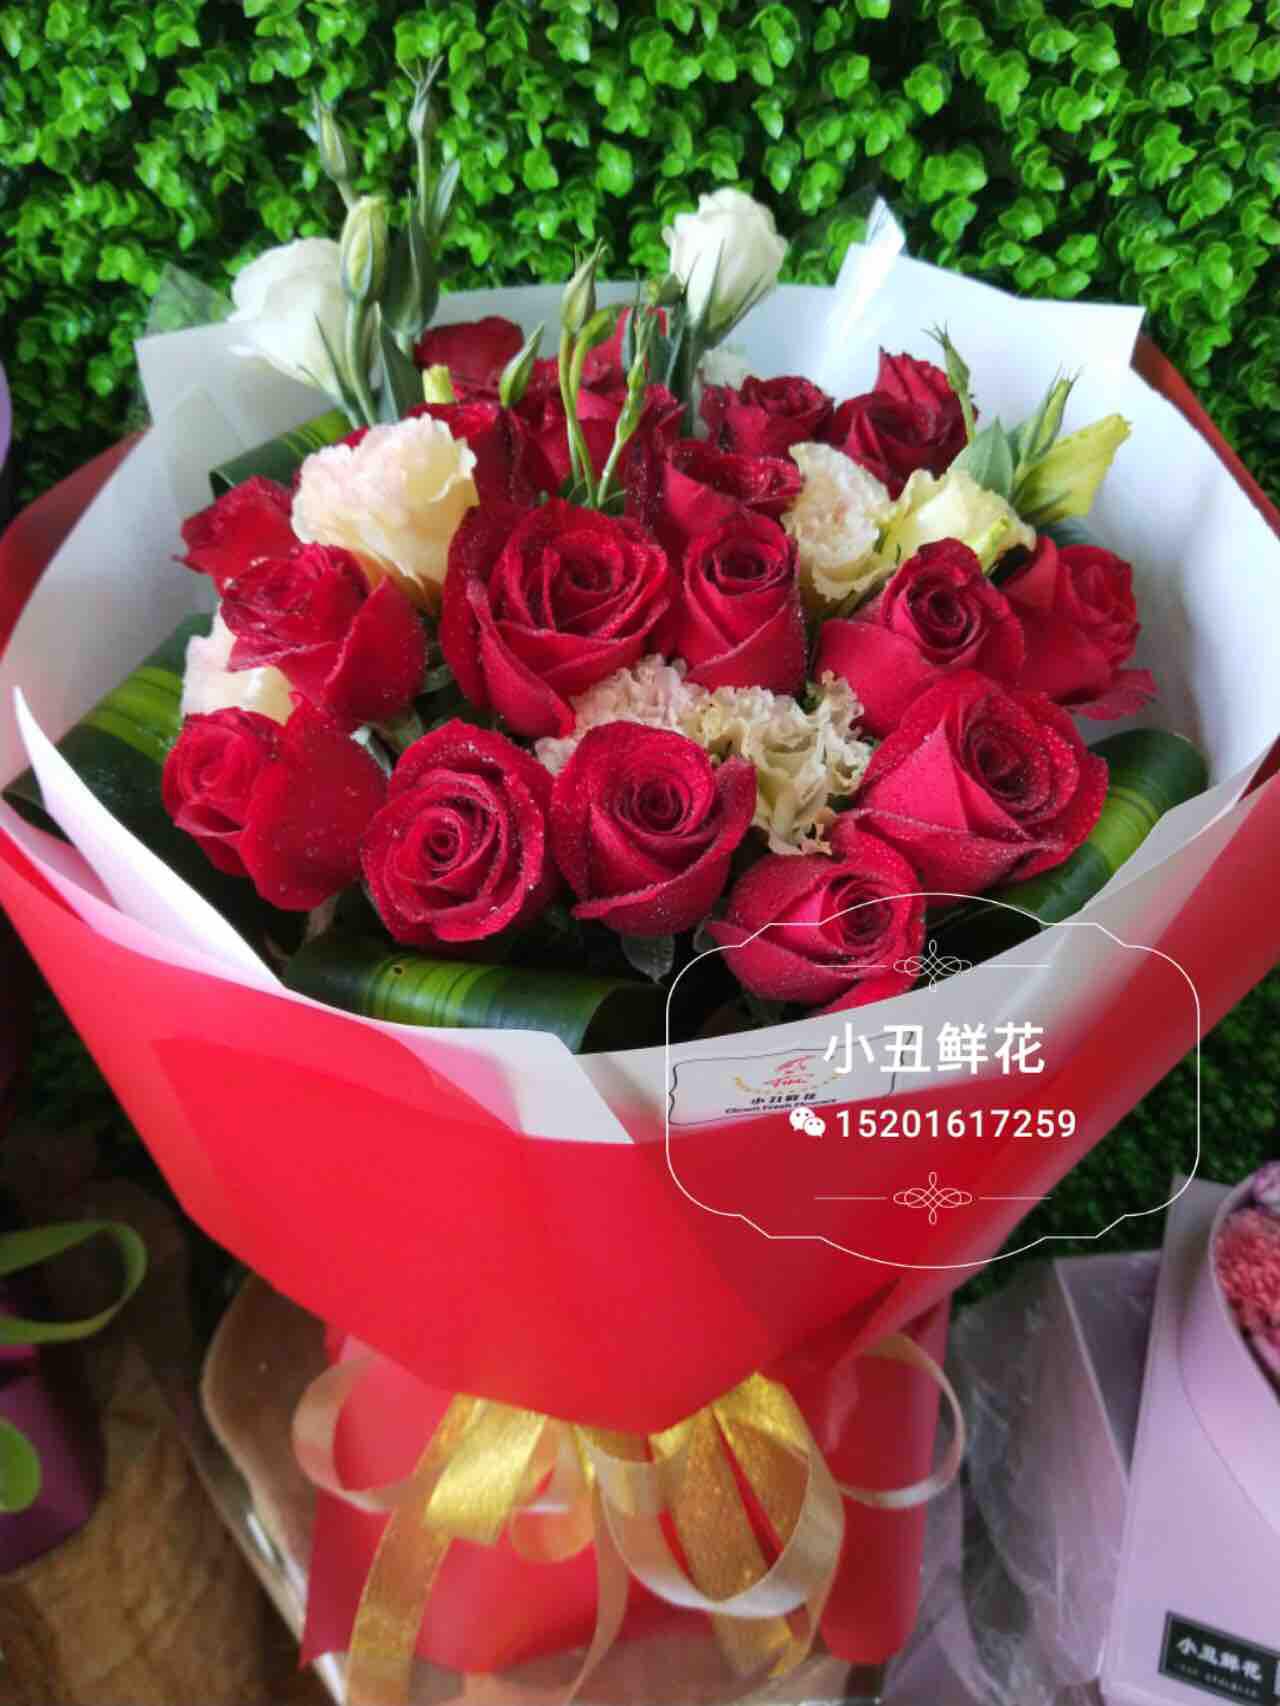 【守护爱情】红玫瑰21只,圆形花束送恋人送媳妇送女友